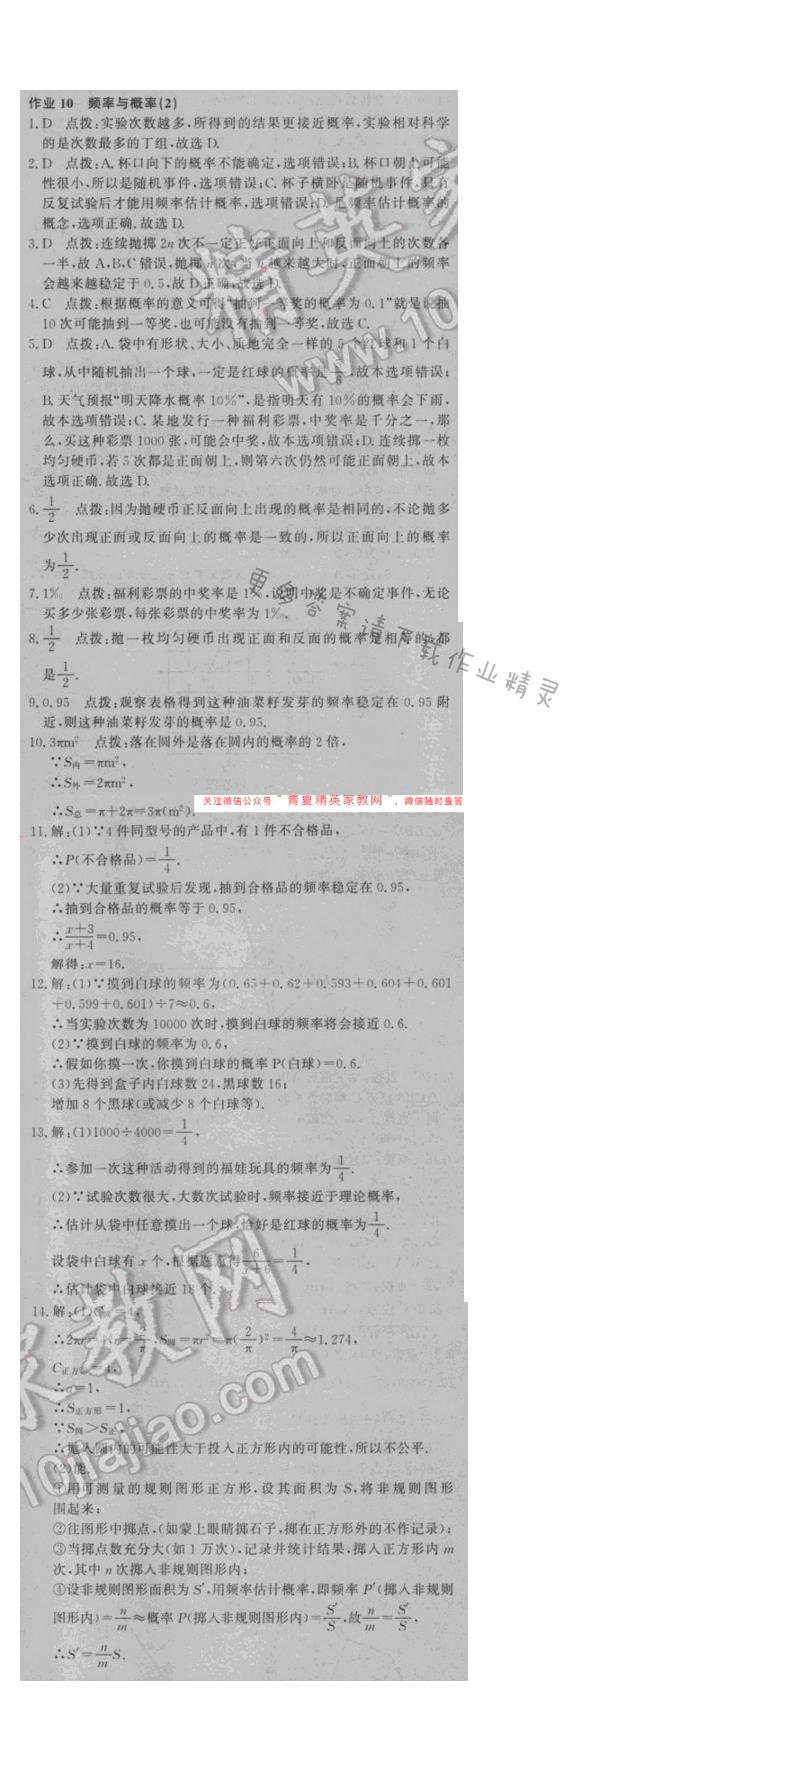 2016年启东中学作业本八年级数学下册江苏版 第八章 作业10